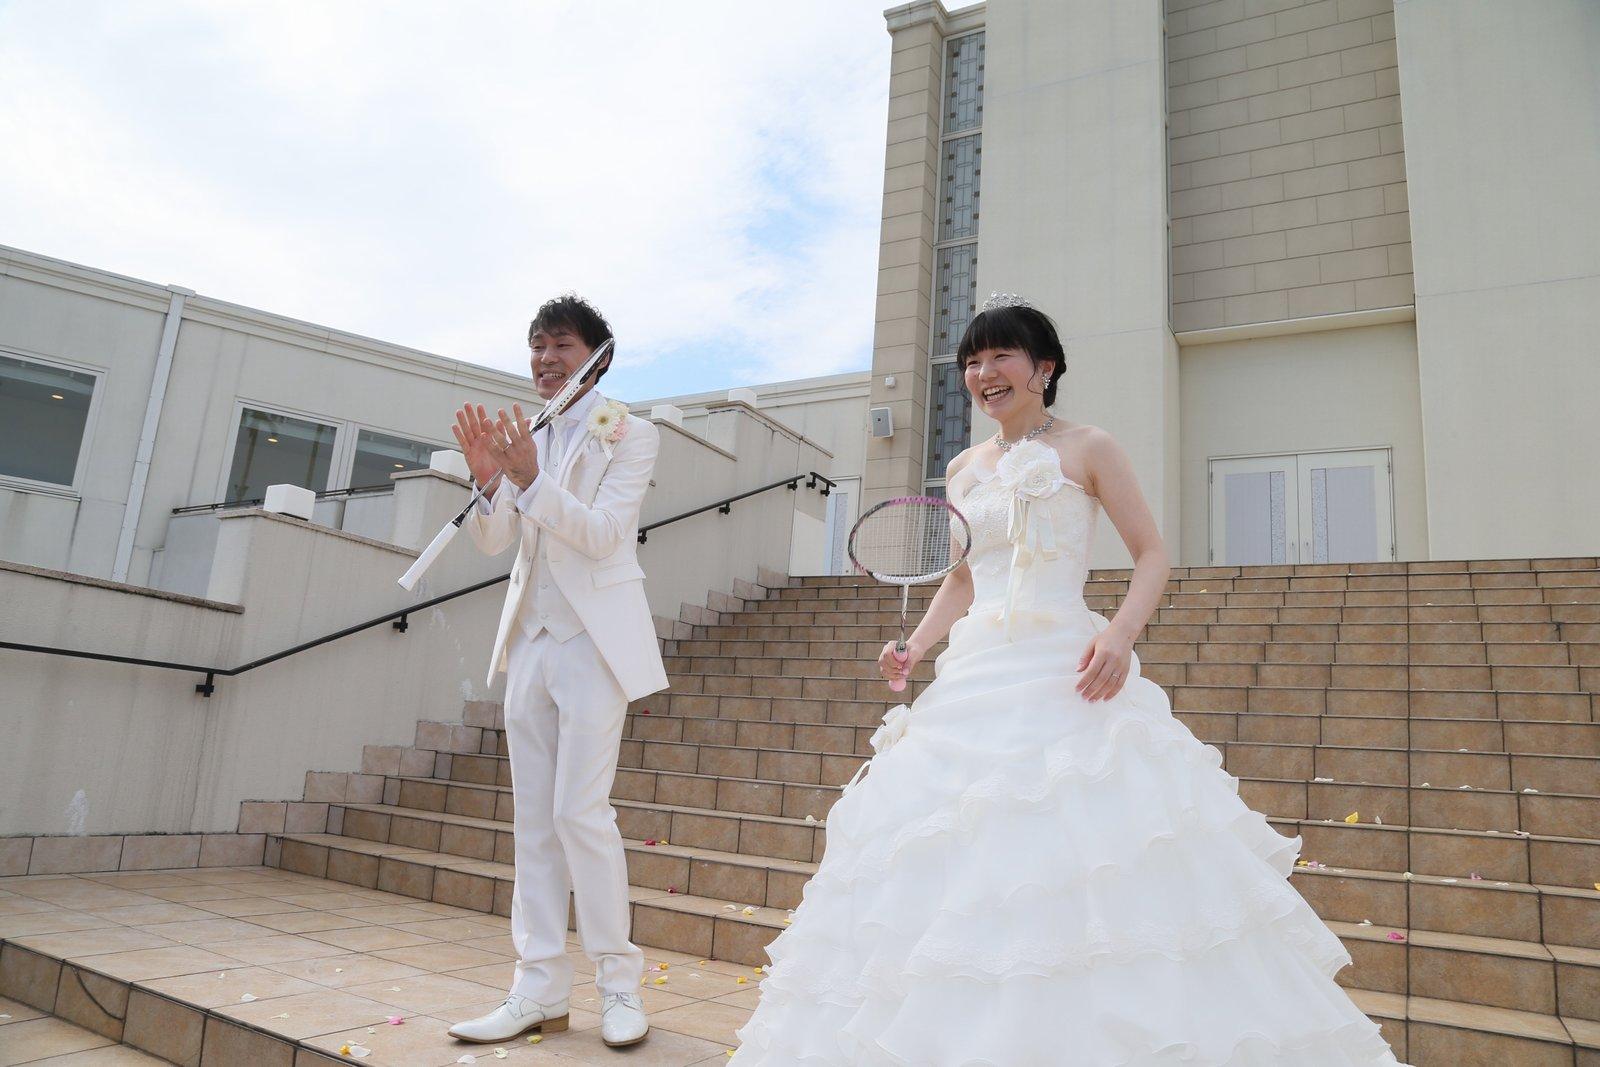 徳島市の結婚式場ブランアンジュで挙式後のシャトルトスのセレモニー